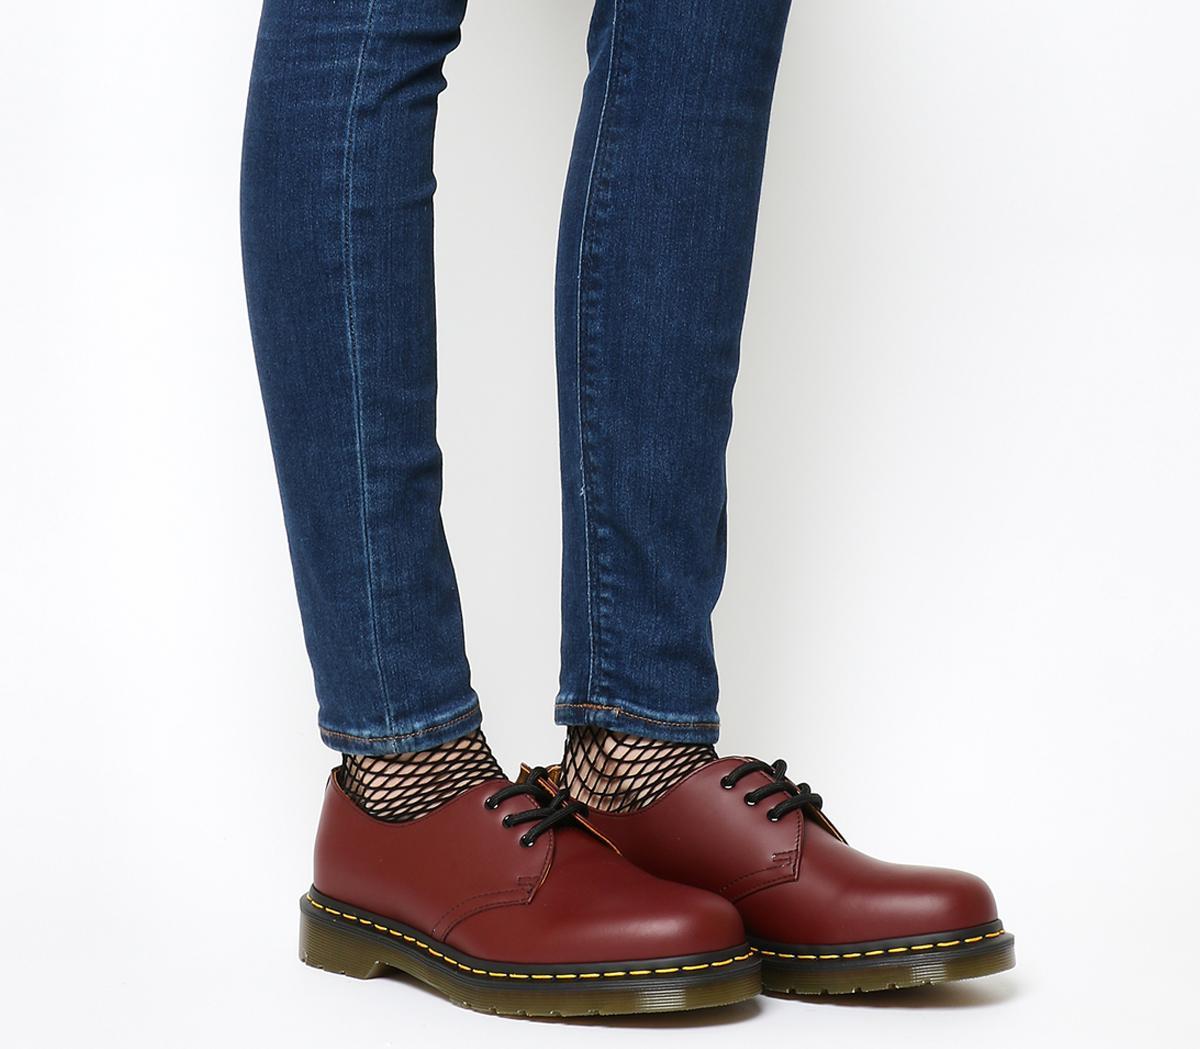 3 Eyelet Shoes